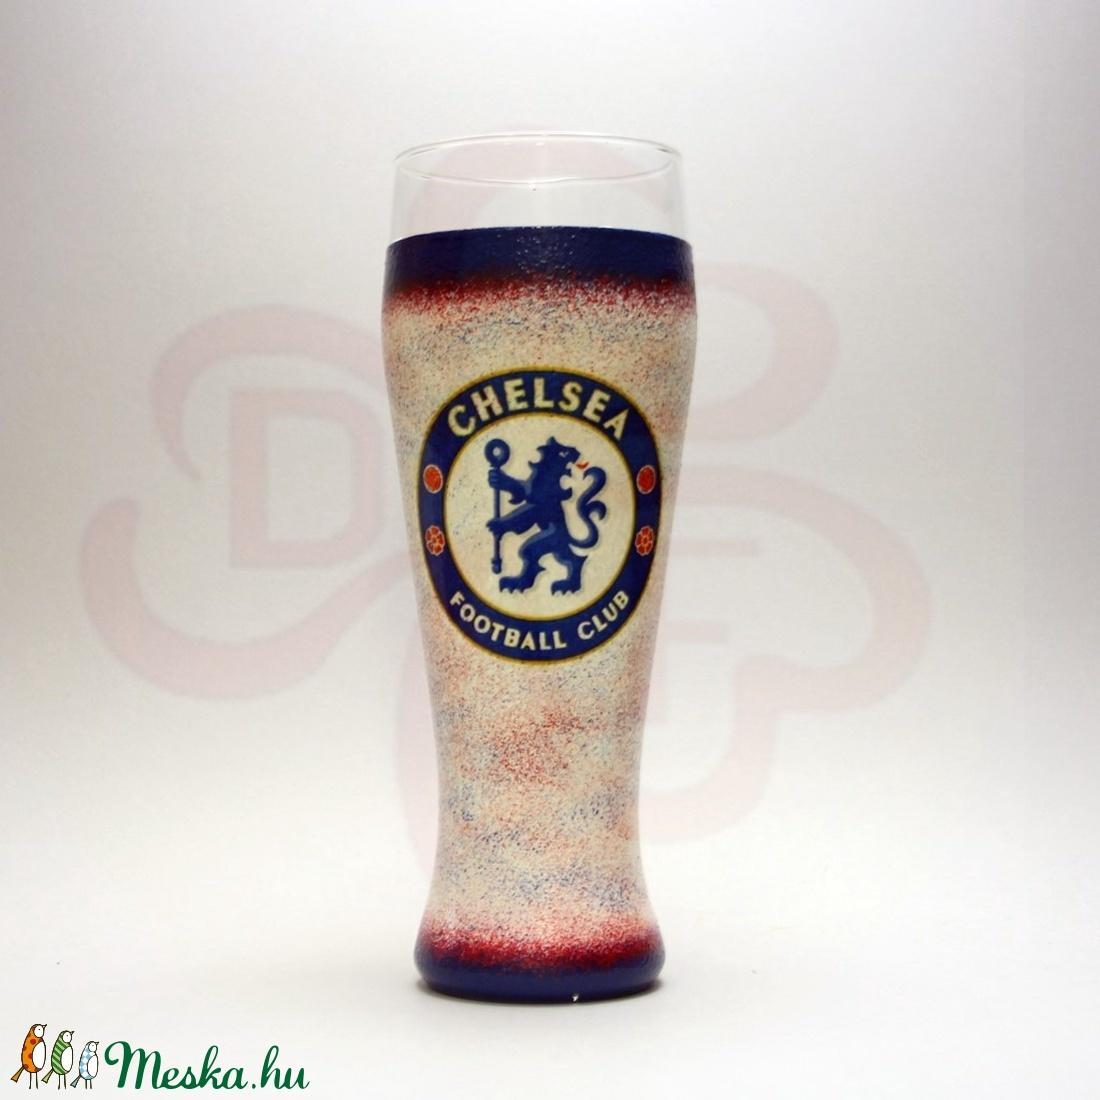 Chelsea FC sörös pohár ; Chelsea Szurkolói ajándék - Meska.hu